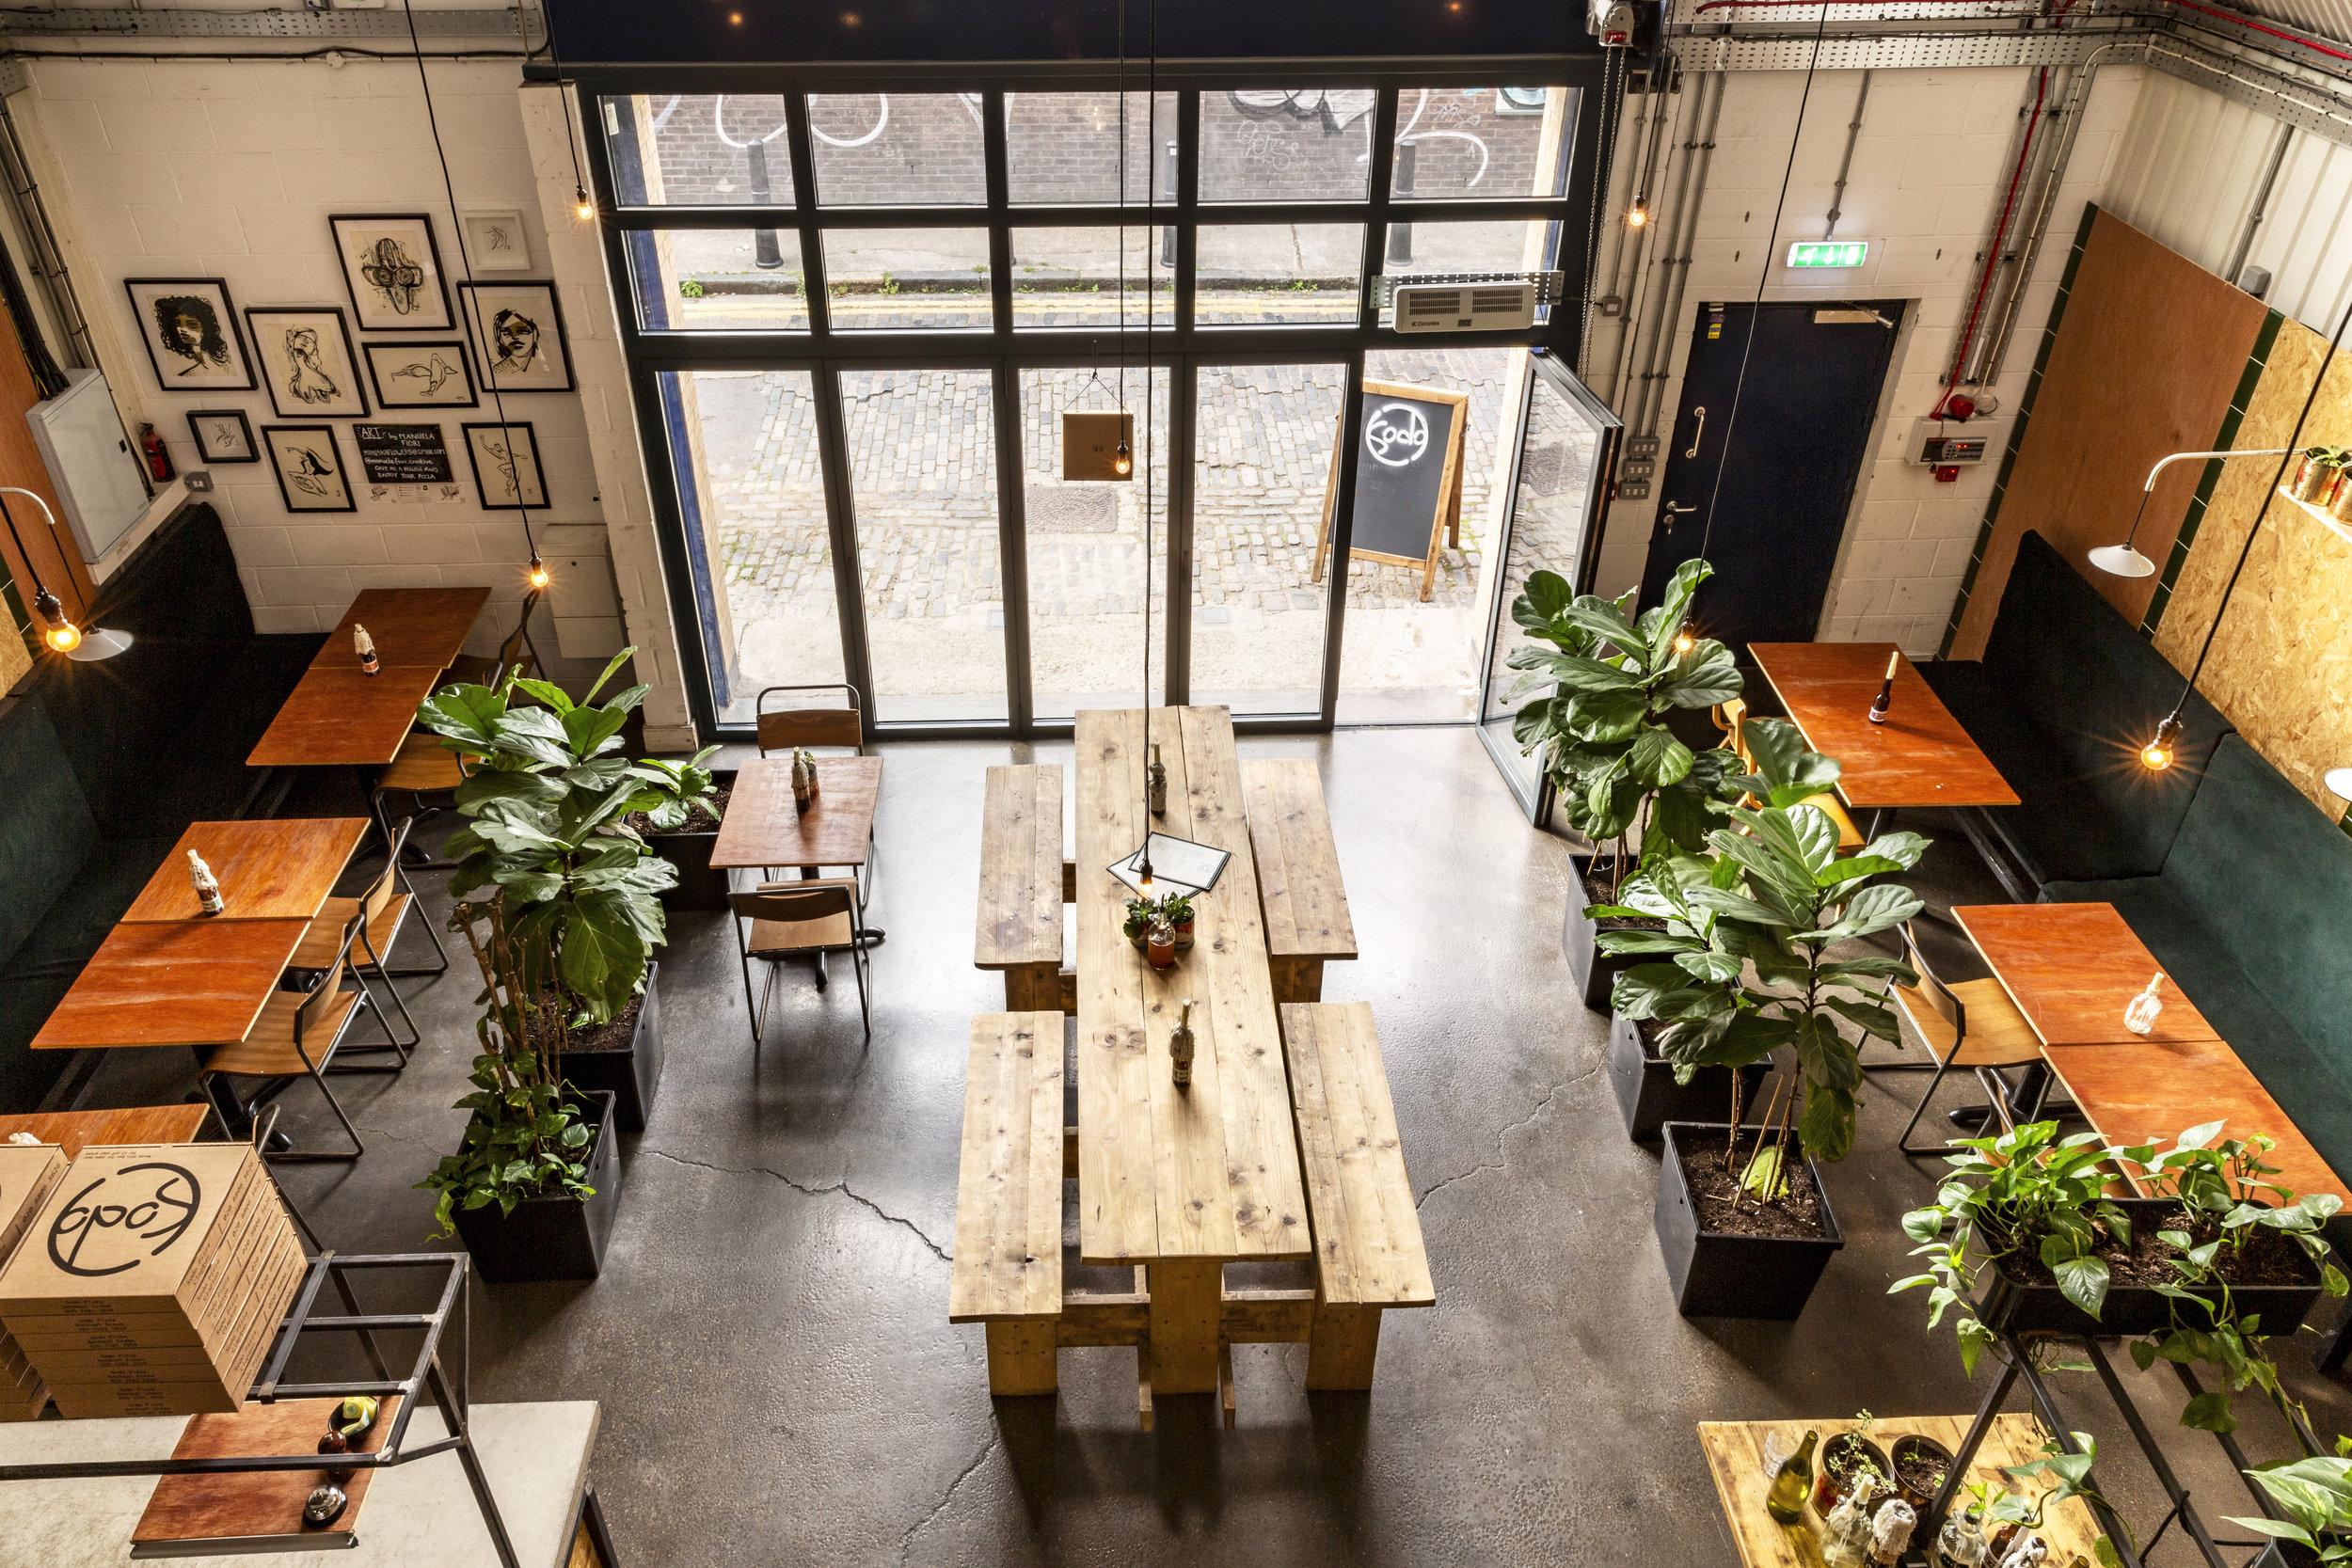 Bethnal Green Interior.jpg